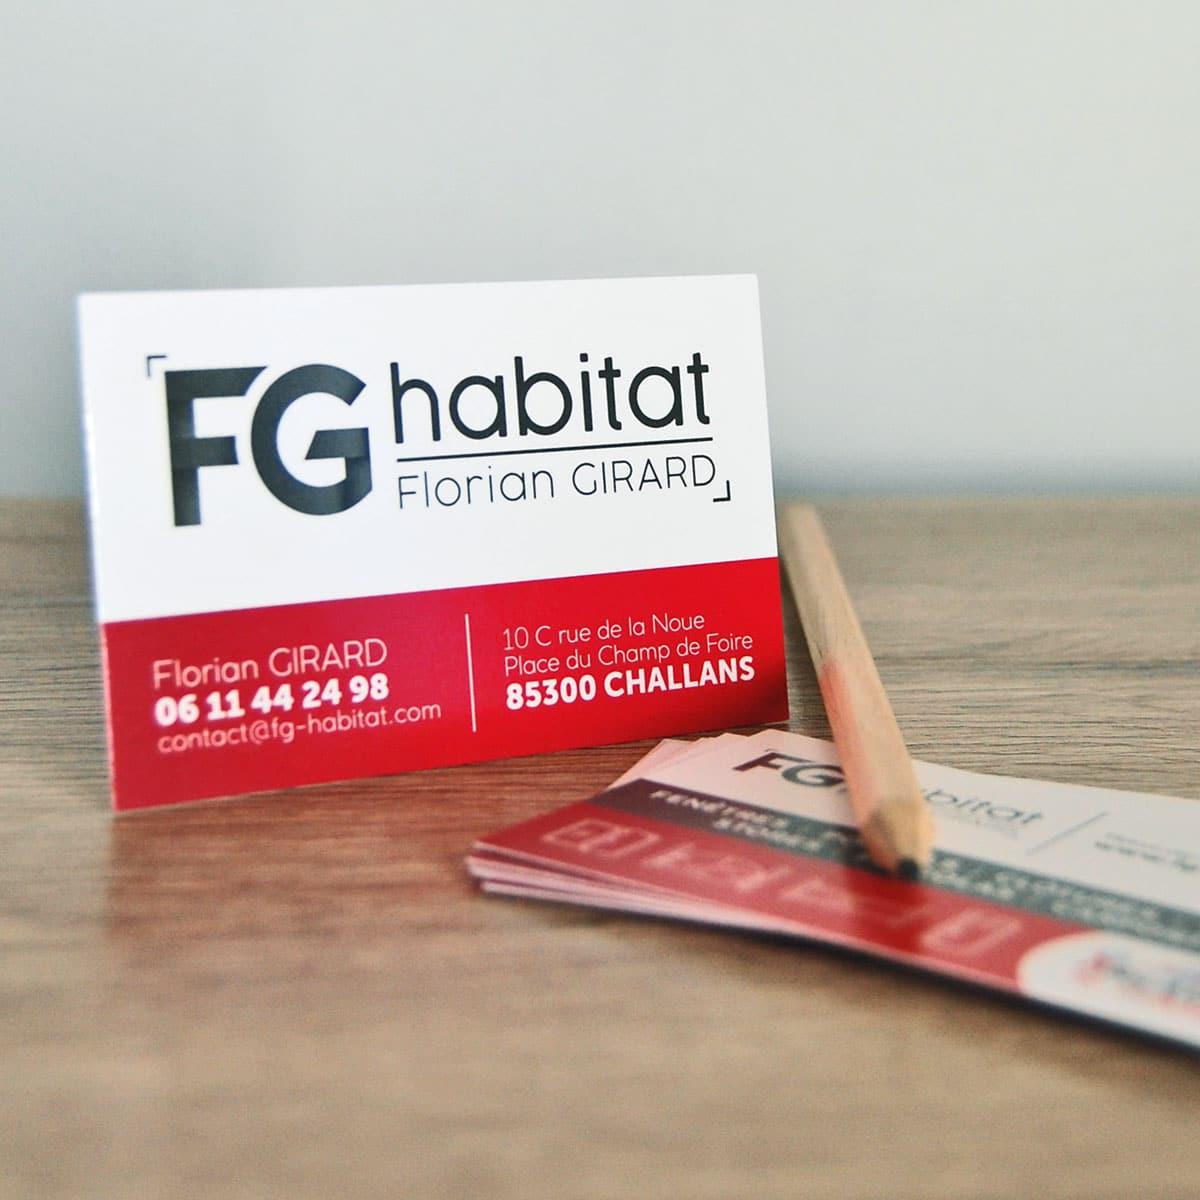 Carte de visite - FG Habitat - Challans